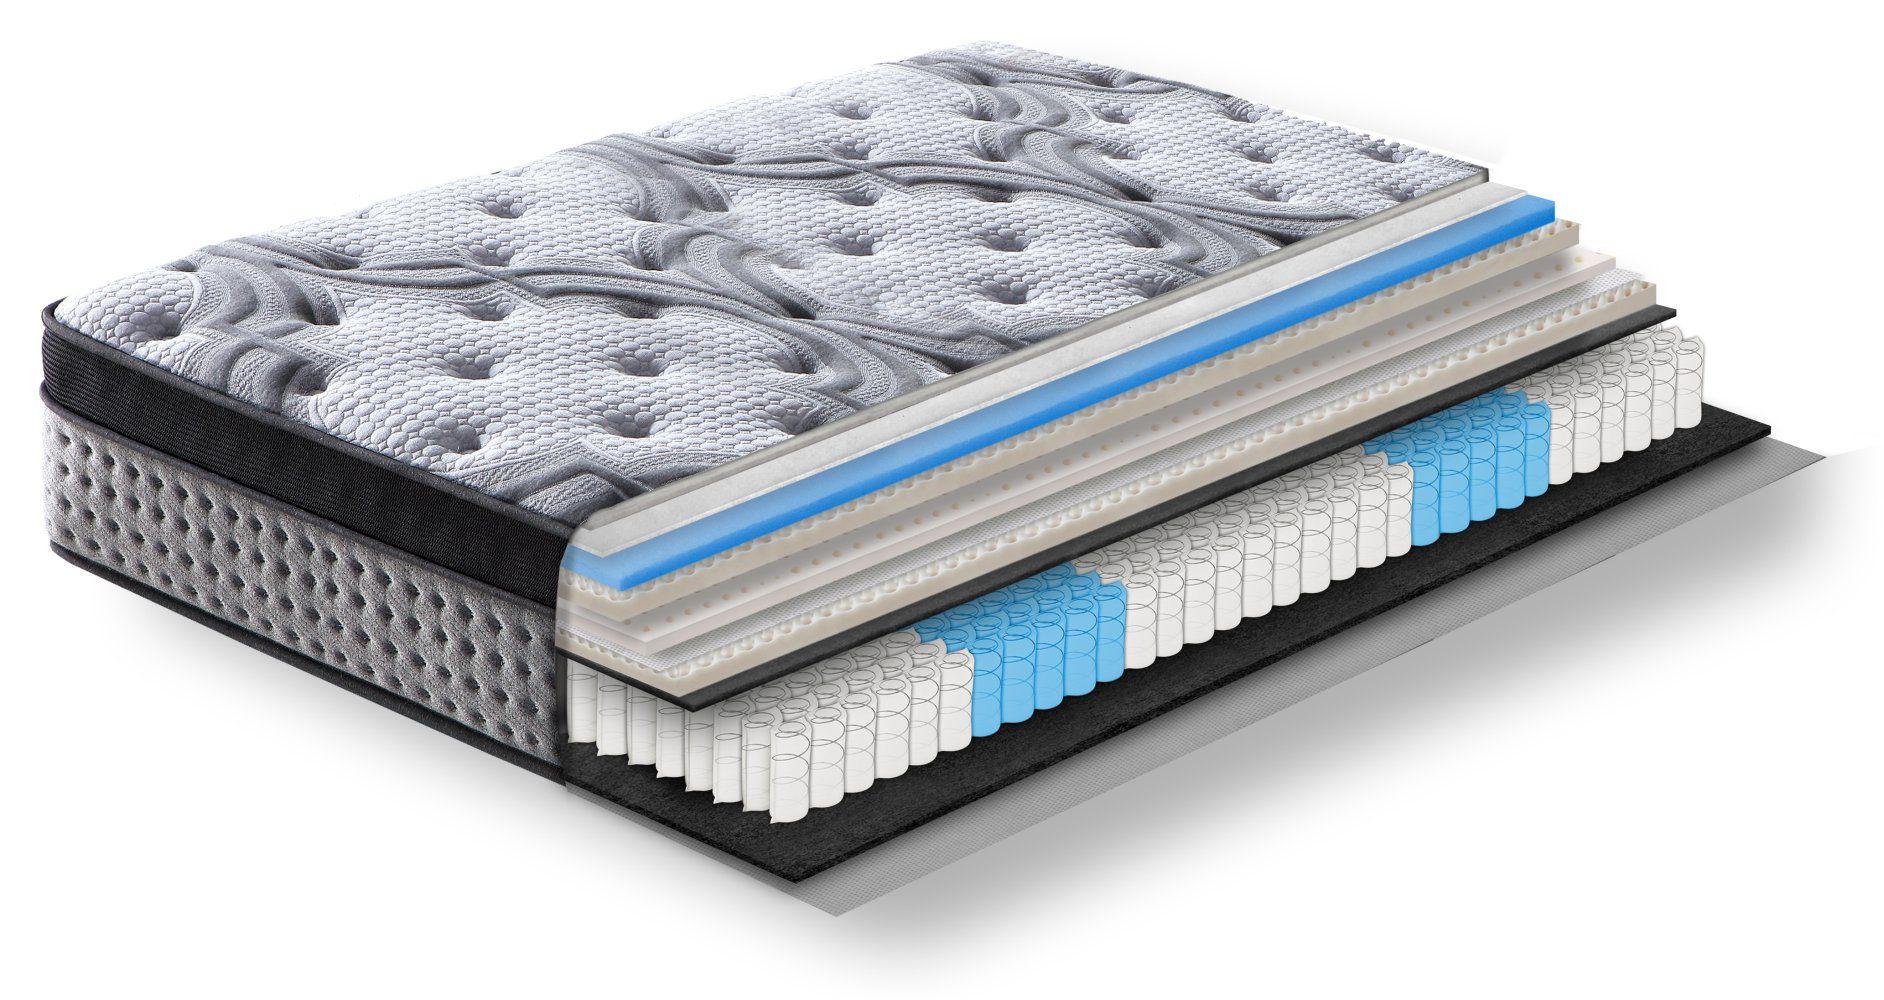 Steiner Premium Matras Comfort met 5-zones pocketveren kern - Afmeting: 90 x 200 cm, hardheidsgraad H3-H4, hoogte: 34 cm